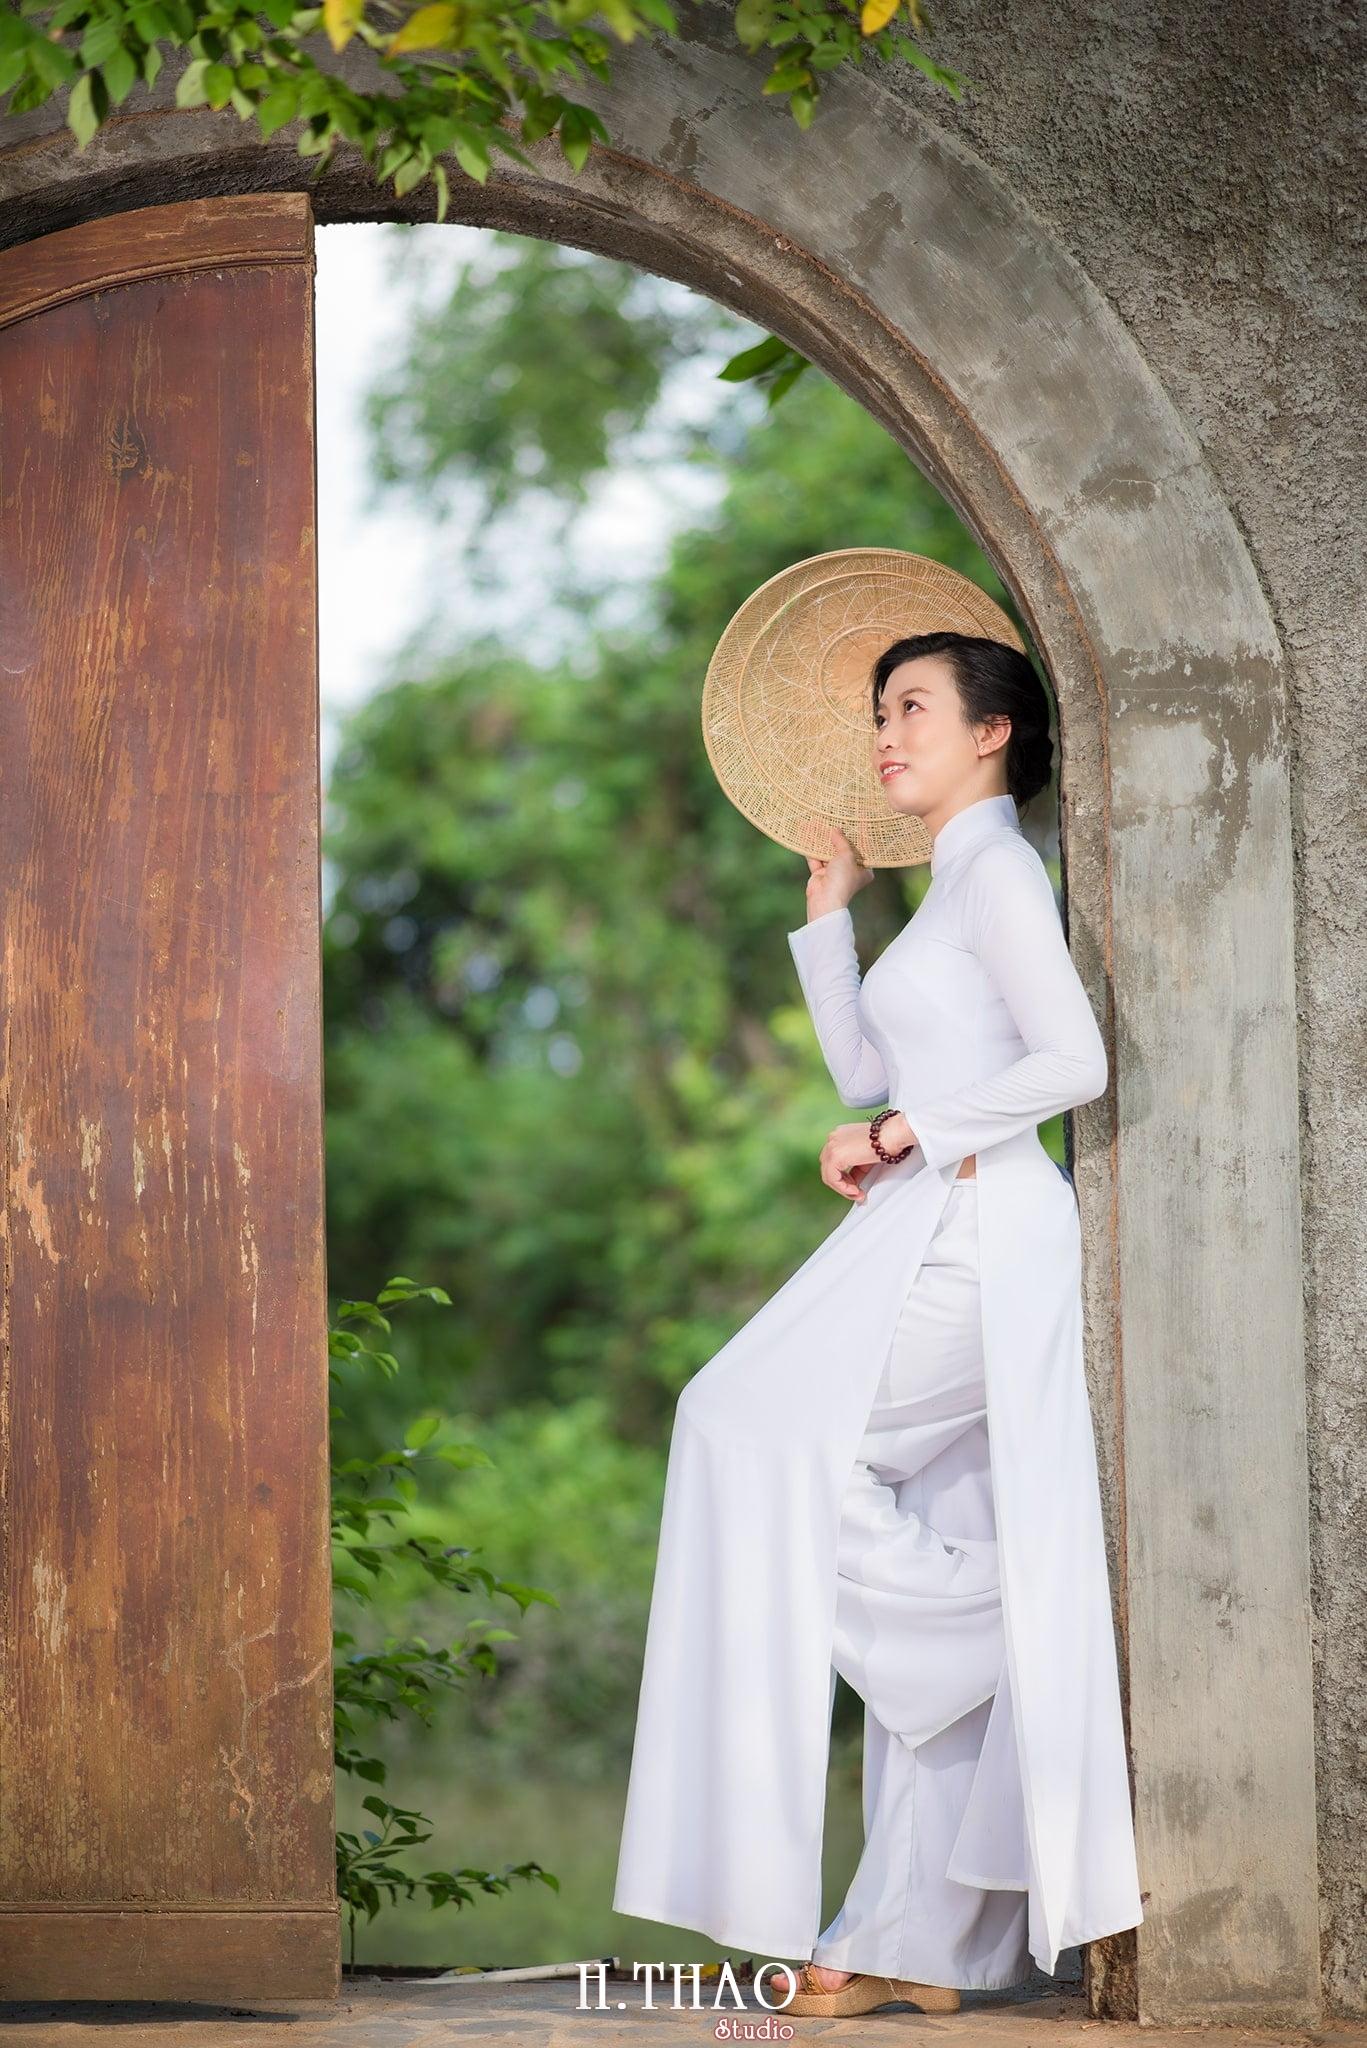 Ao dai trang 14 1 - Bảo tàng áo dài quận 9, địa điểm chụp hình HOT nhất Tp.HCM